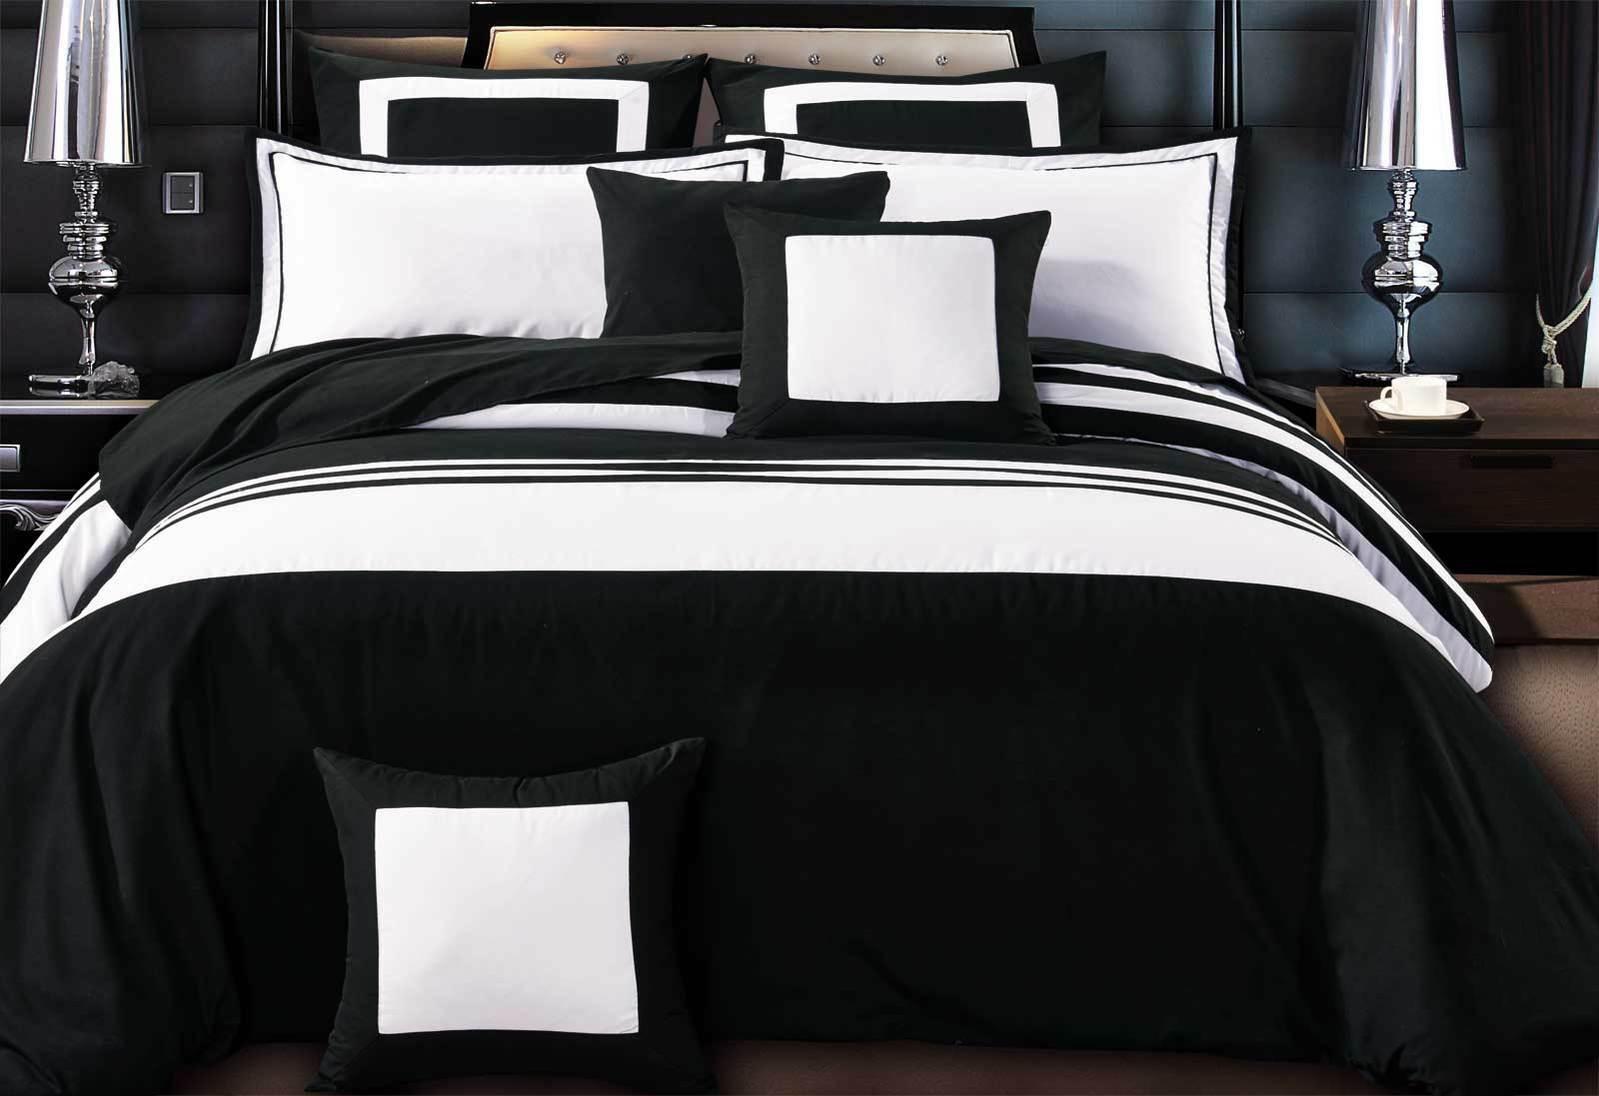 Luxton Rossier Striped Black Amp White Duvet Quilt Cover